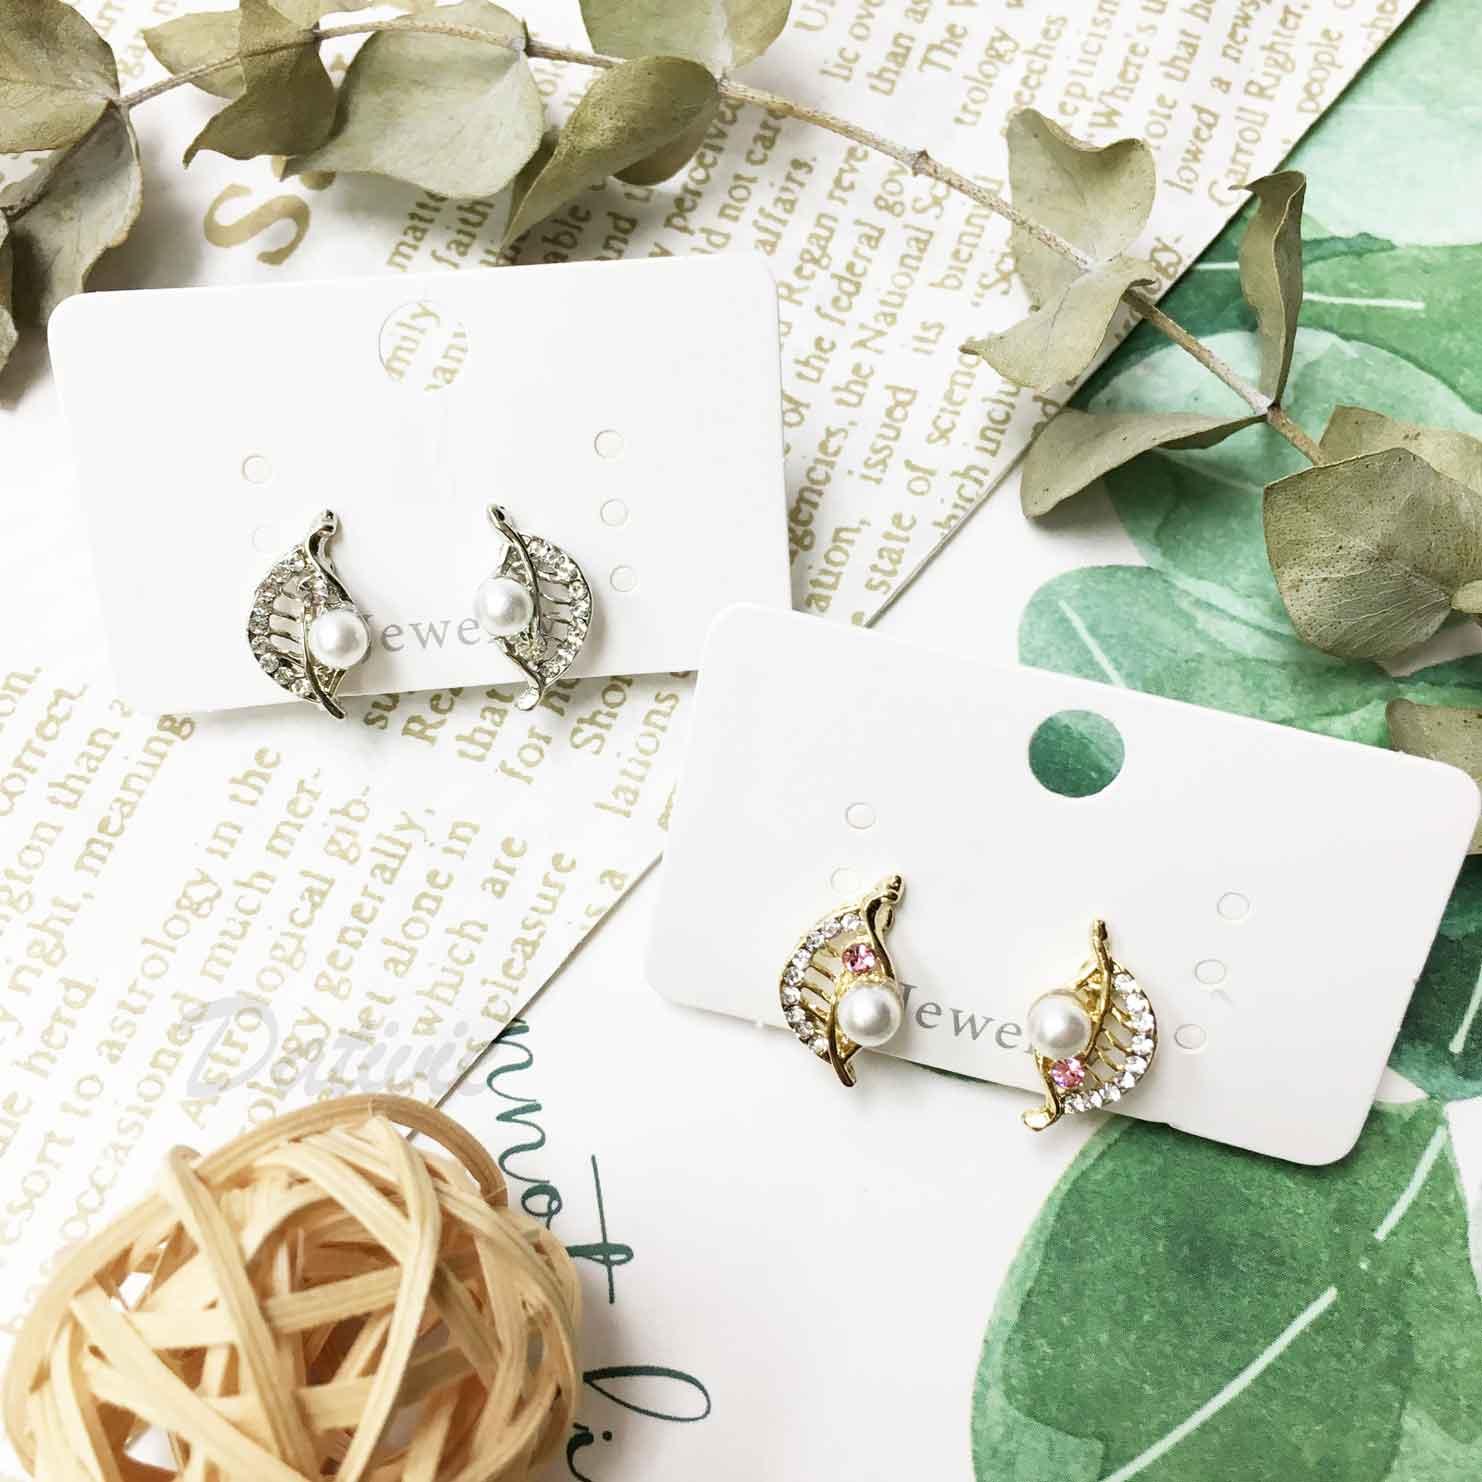 水鑽 葉子 葉片 粉鑽 珍珠 夾式耳環